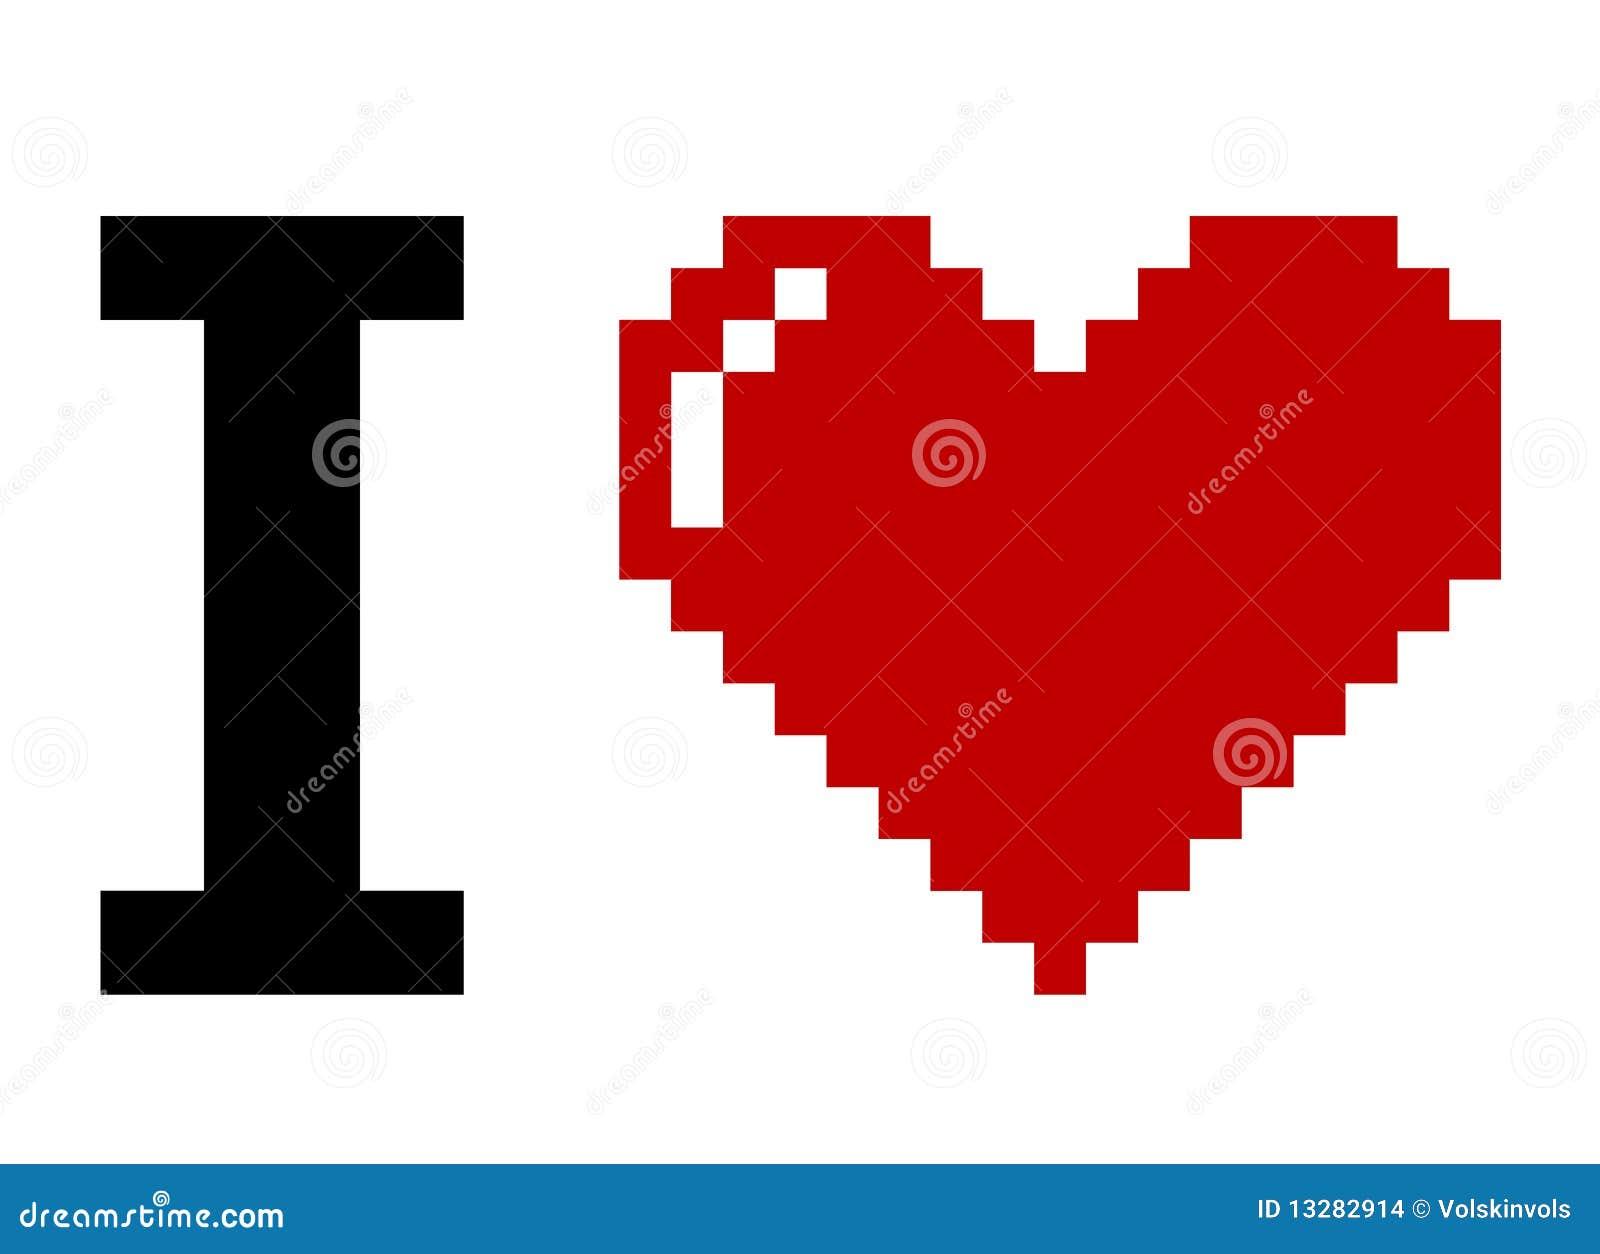 pixel art i love you stock illustration image of color 13282914. Black Bedroom Furniture Sets. Home Design Ideas